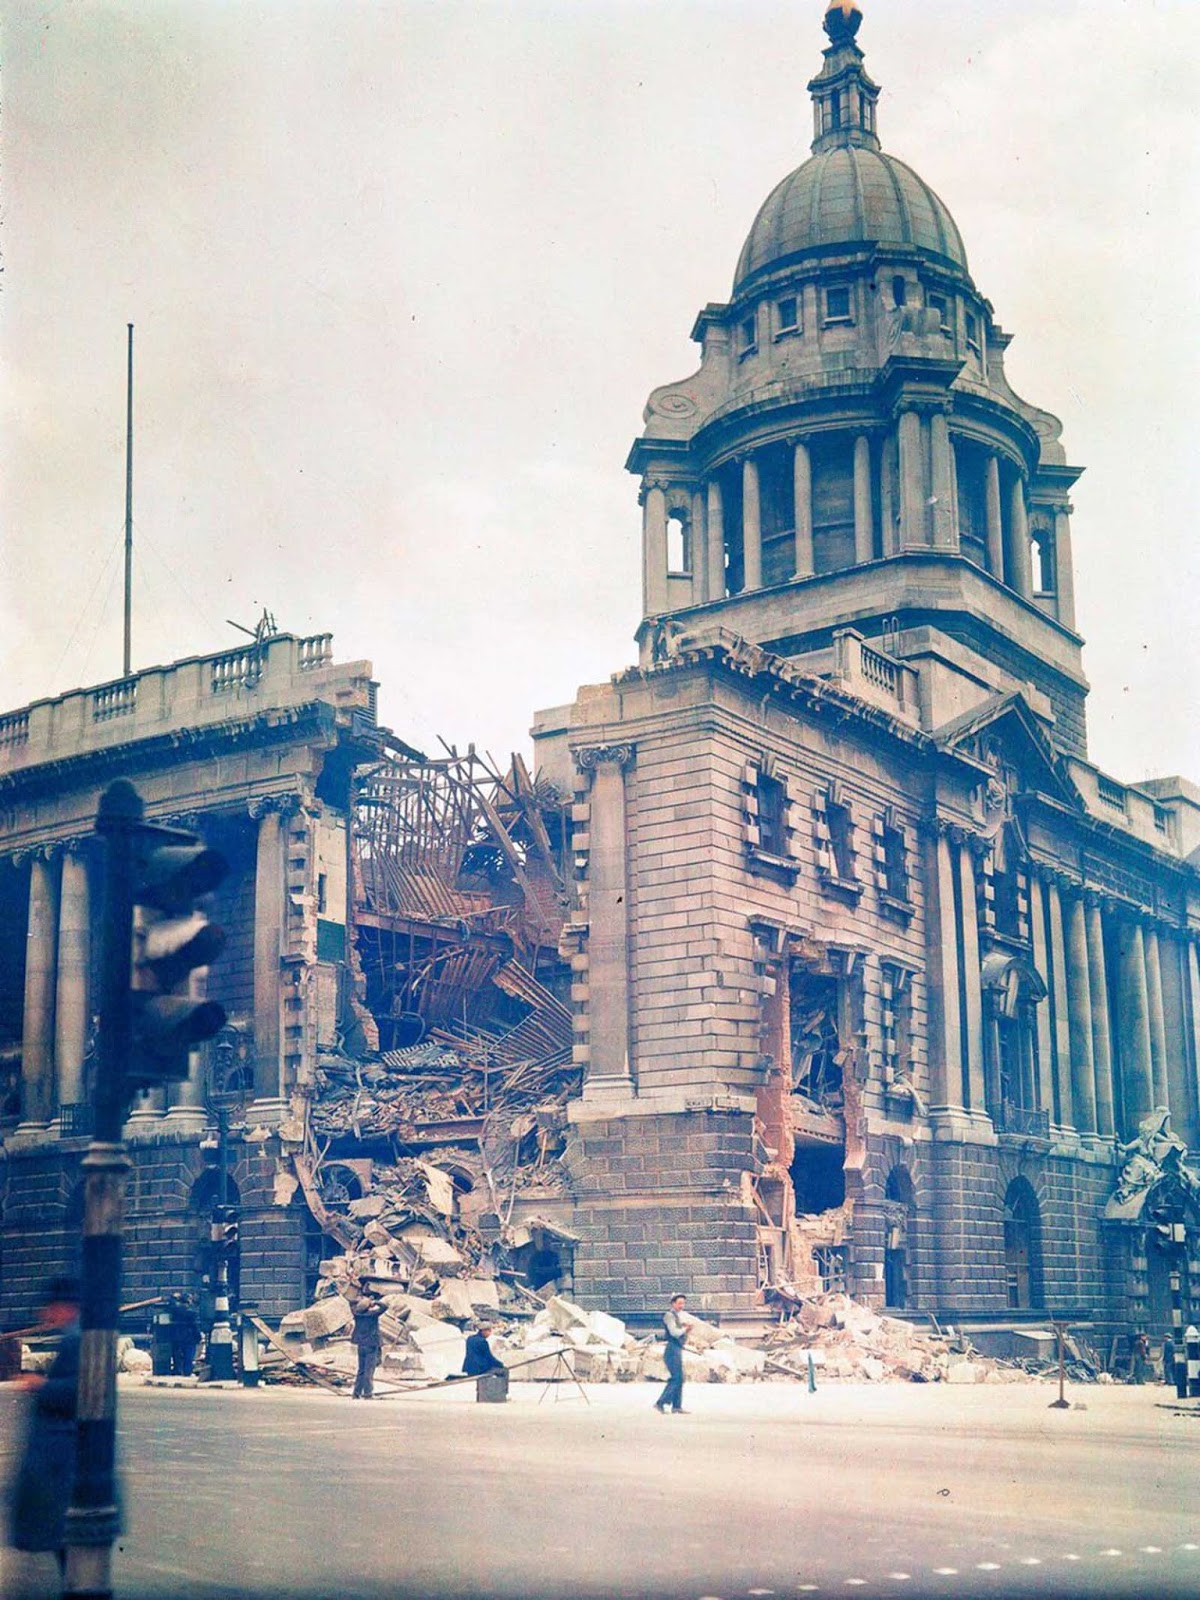 Los tribunales de la ley de Old Bailey, dañados por los bombardeos alemanes. 10 de diciembre de 1941.